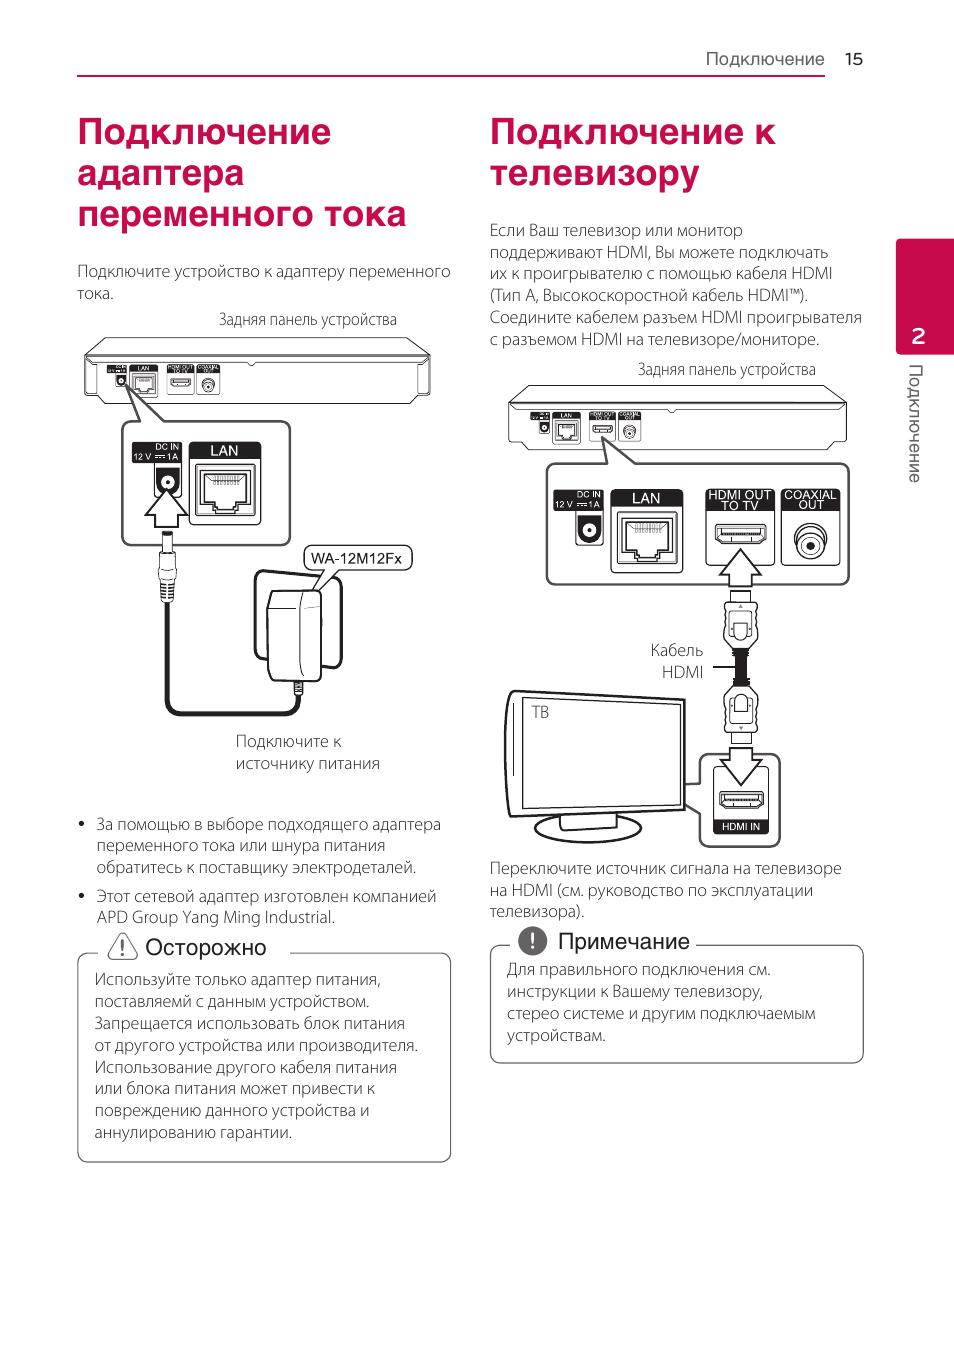 инструкция к телевизору lg 32lk430